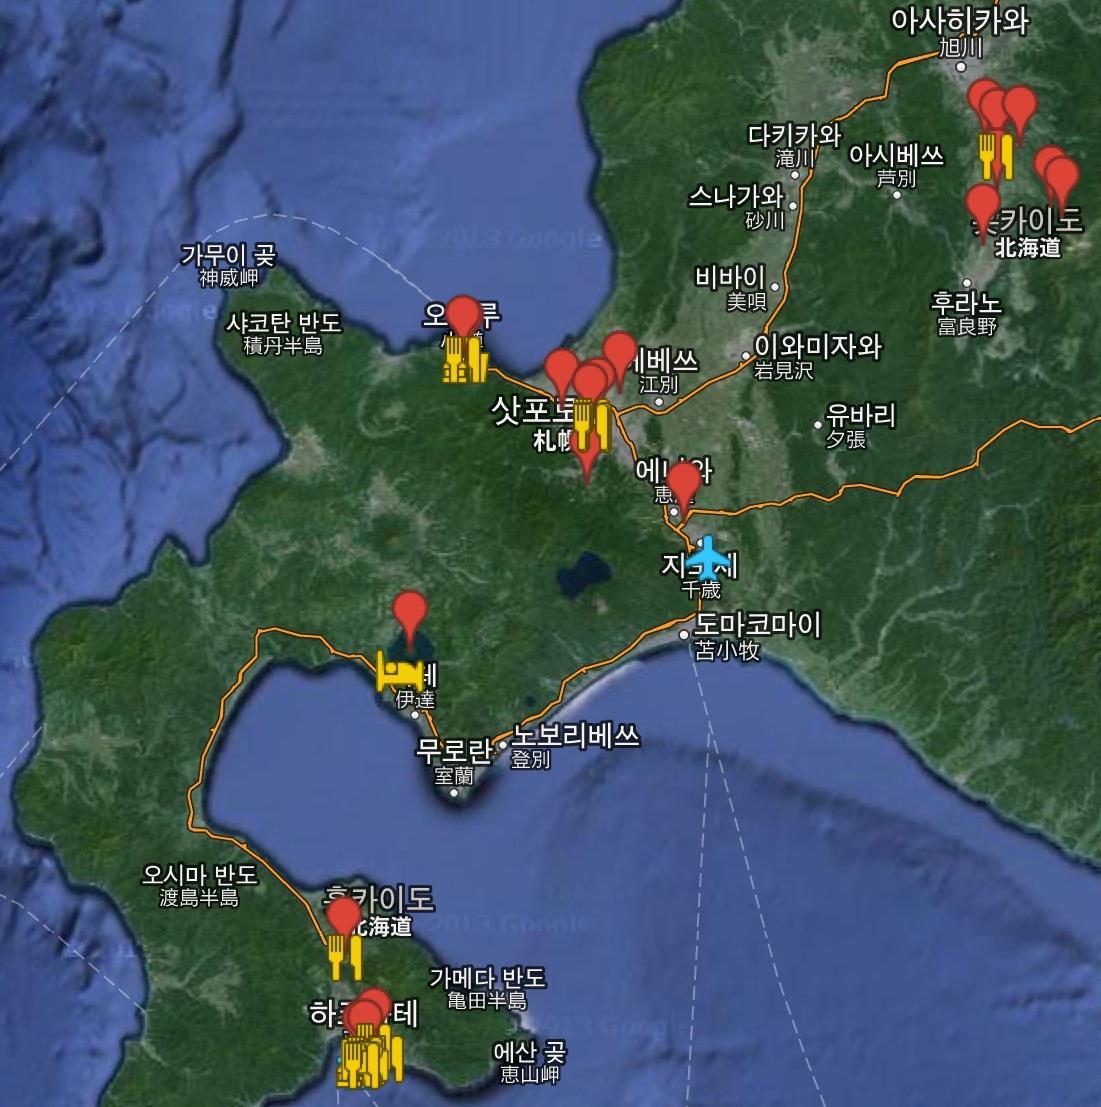 홋카이도 구글맵